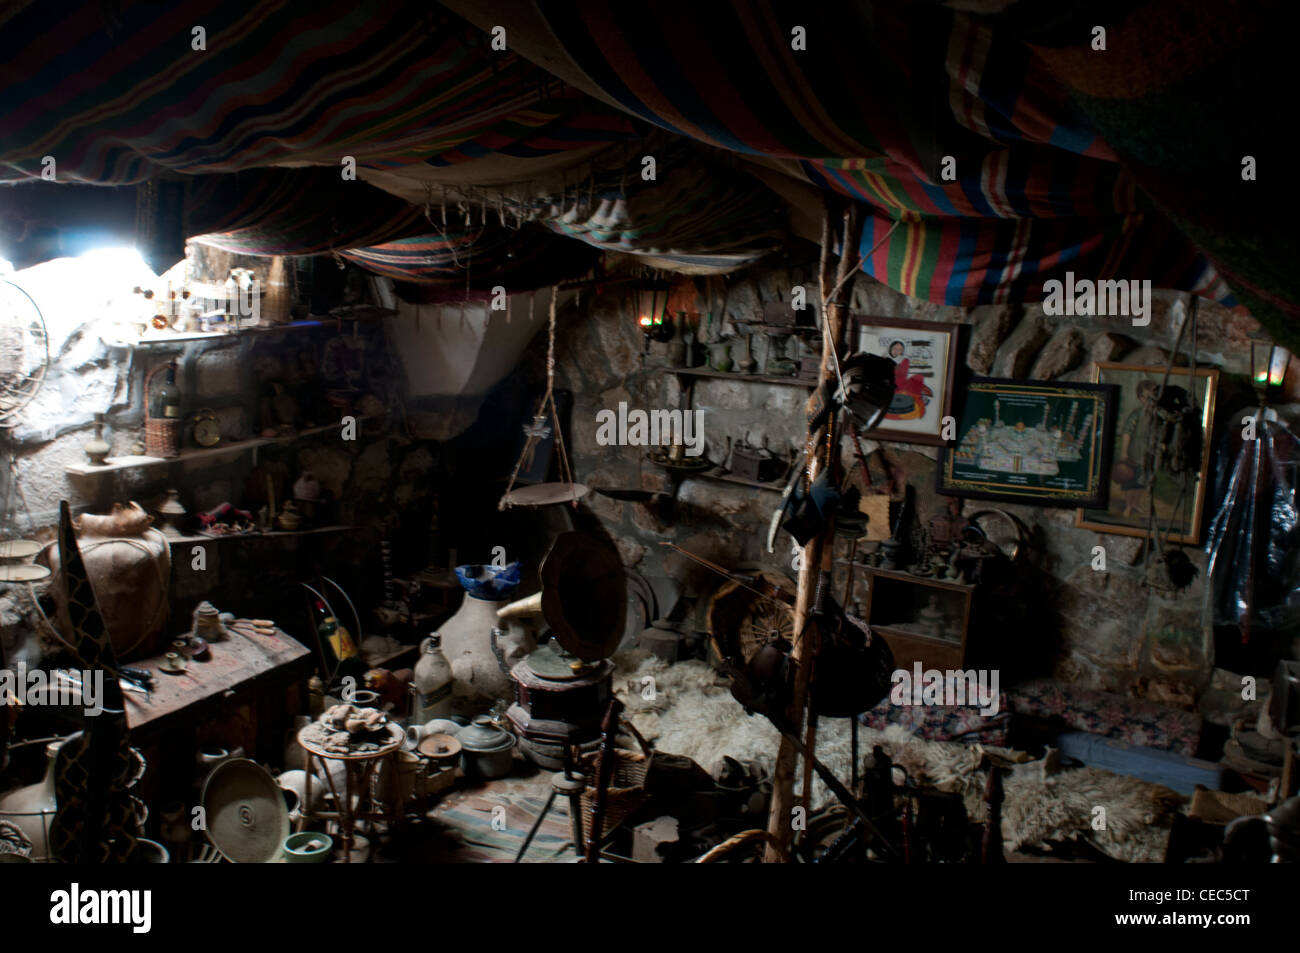 Palästina, Israel, alte traditionelle Wesen und Art Shop. Stockbild